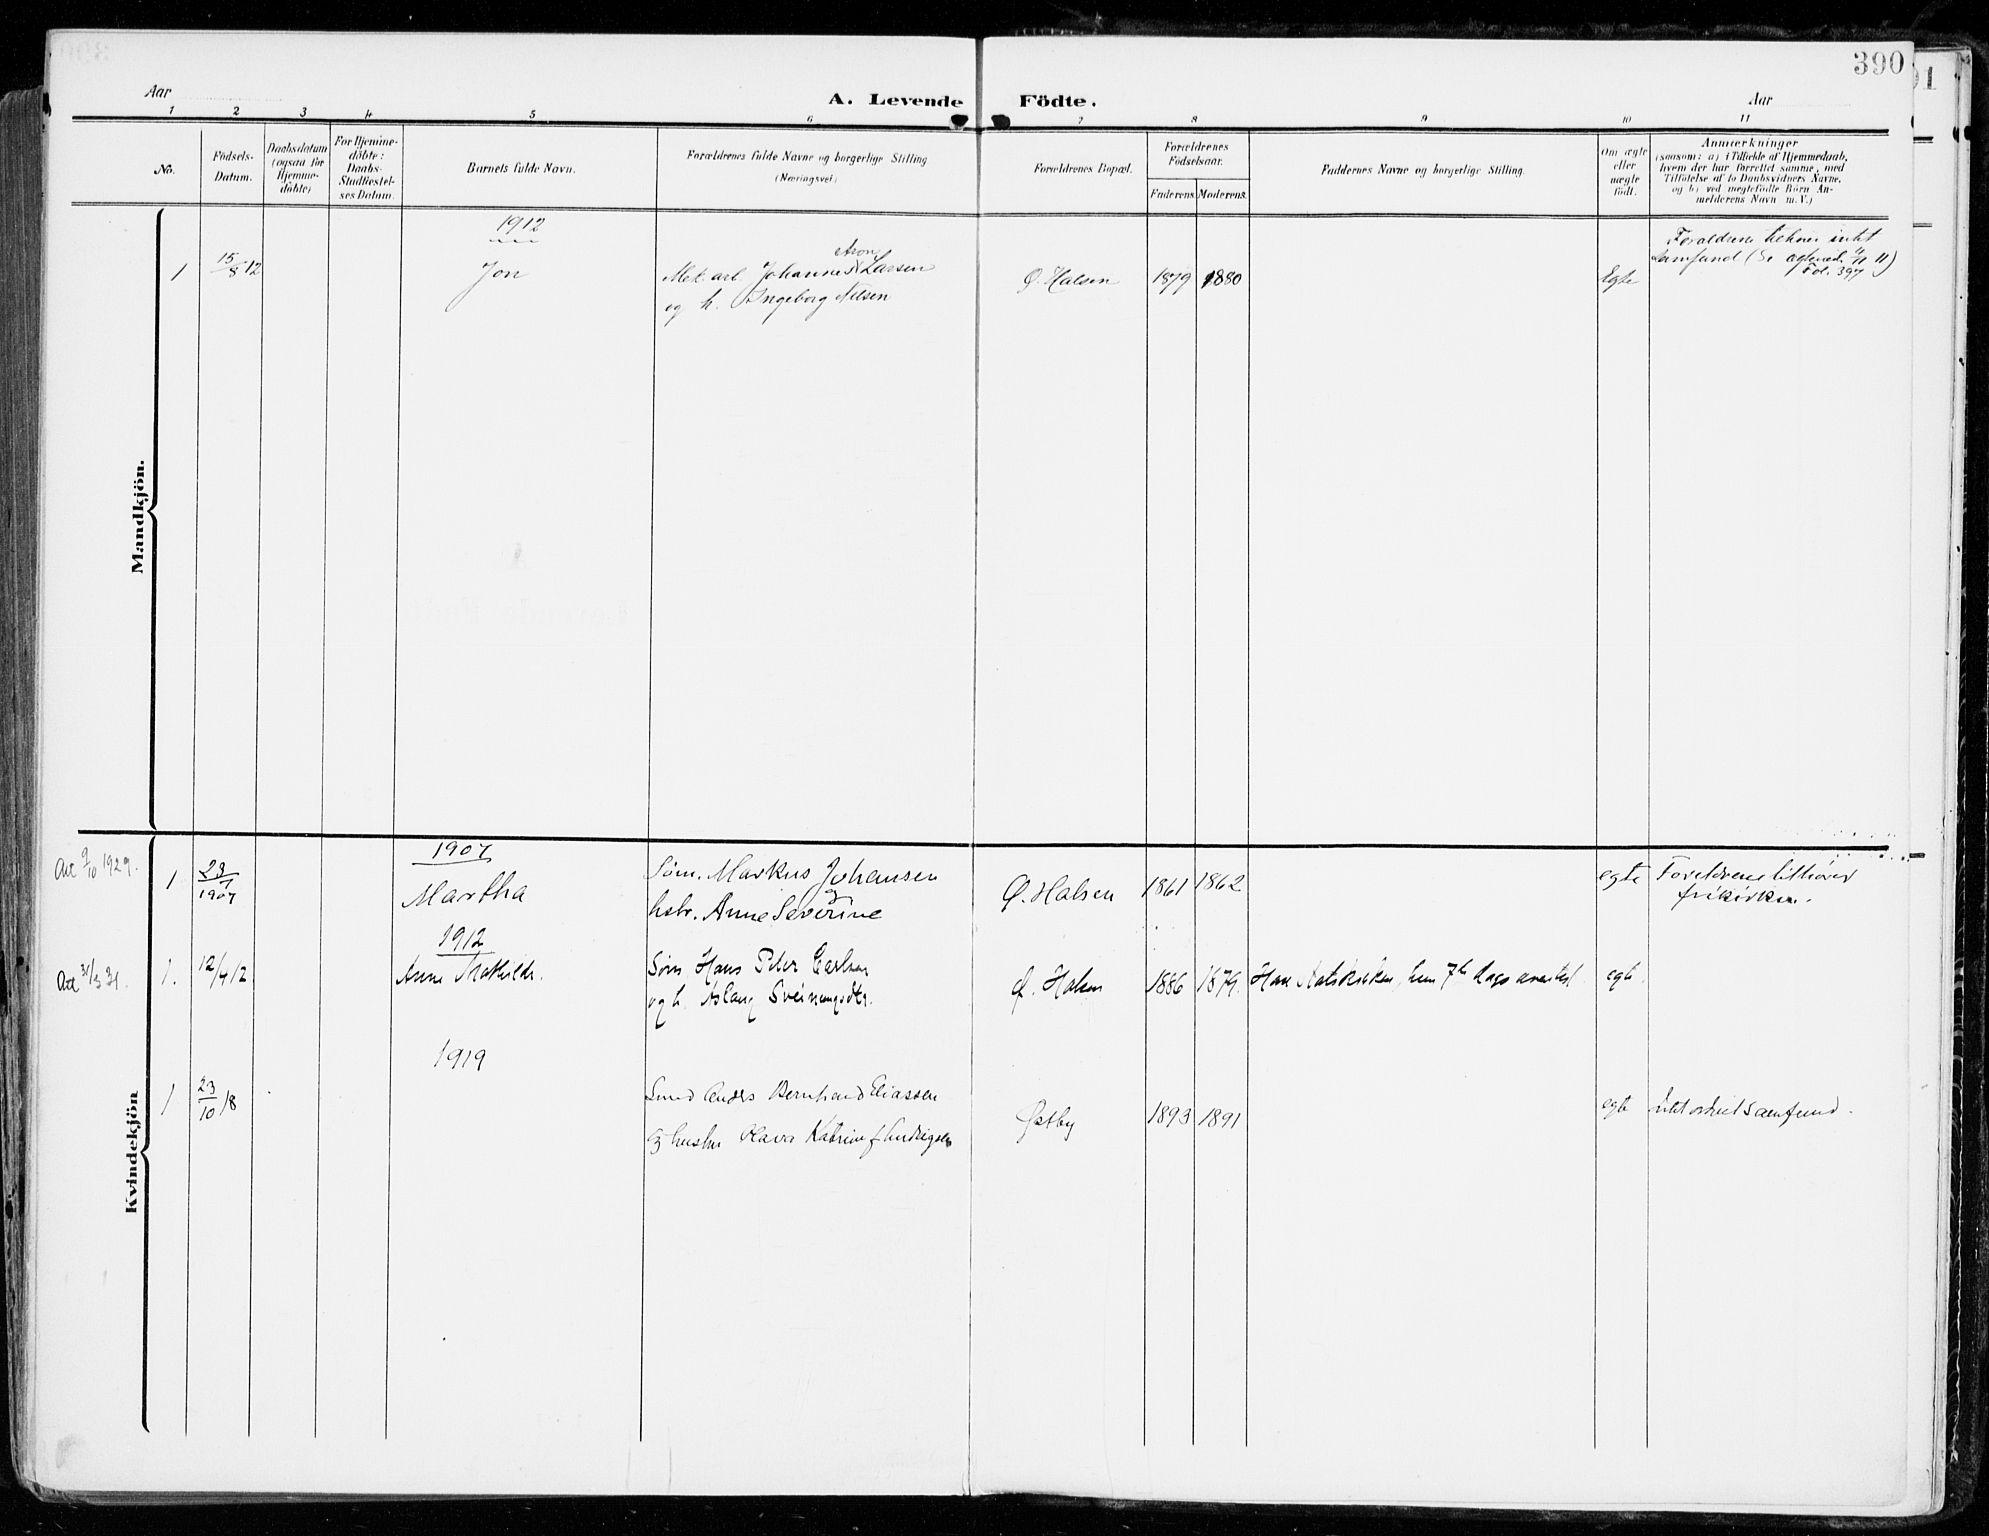 SAKO, Tjølling kirkebøker, F/Fa/L0010: Ministerialbok nr. 10, 1906-1923, s. 390